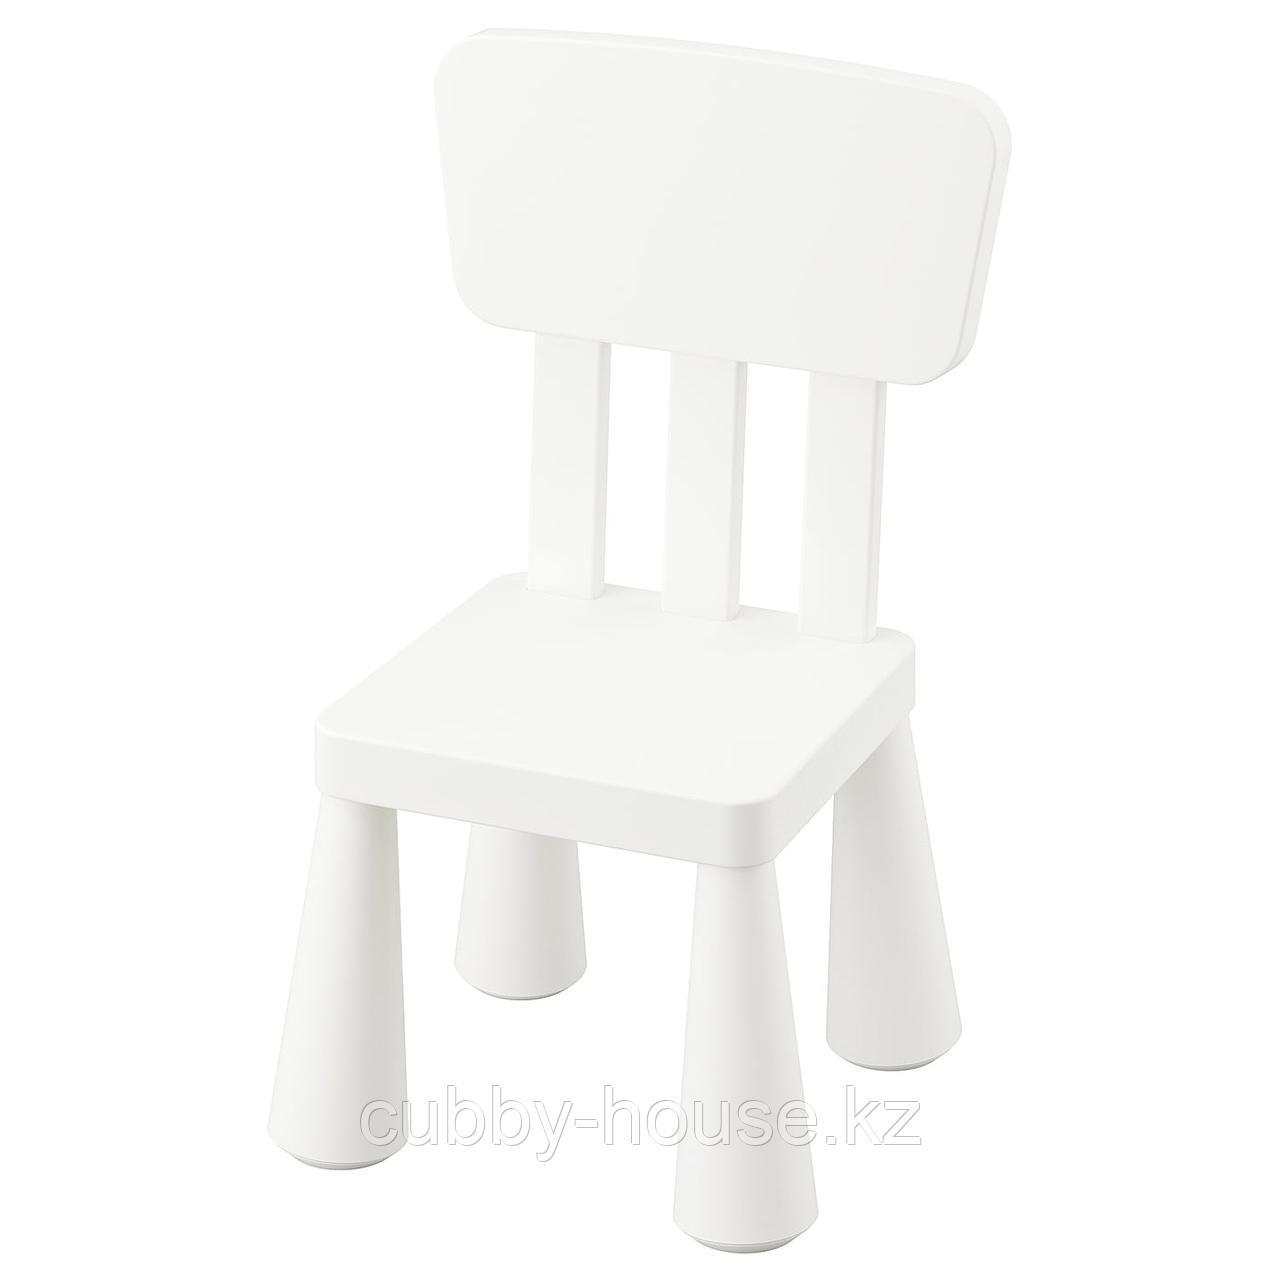 МАММУТ Детский стул, д/дома/улицы, белый